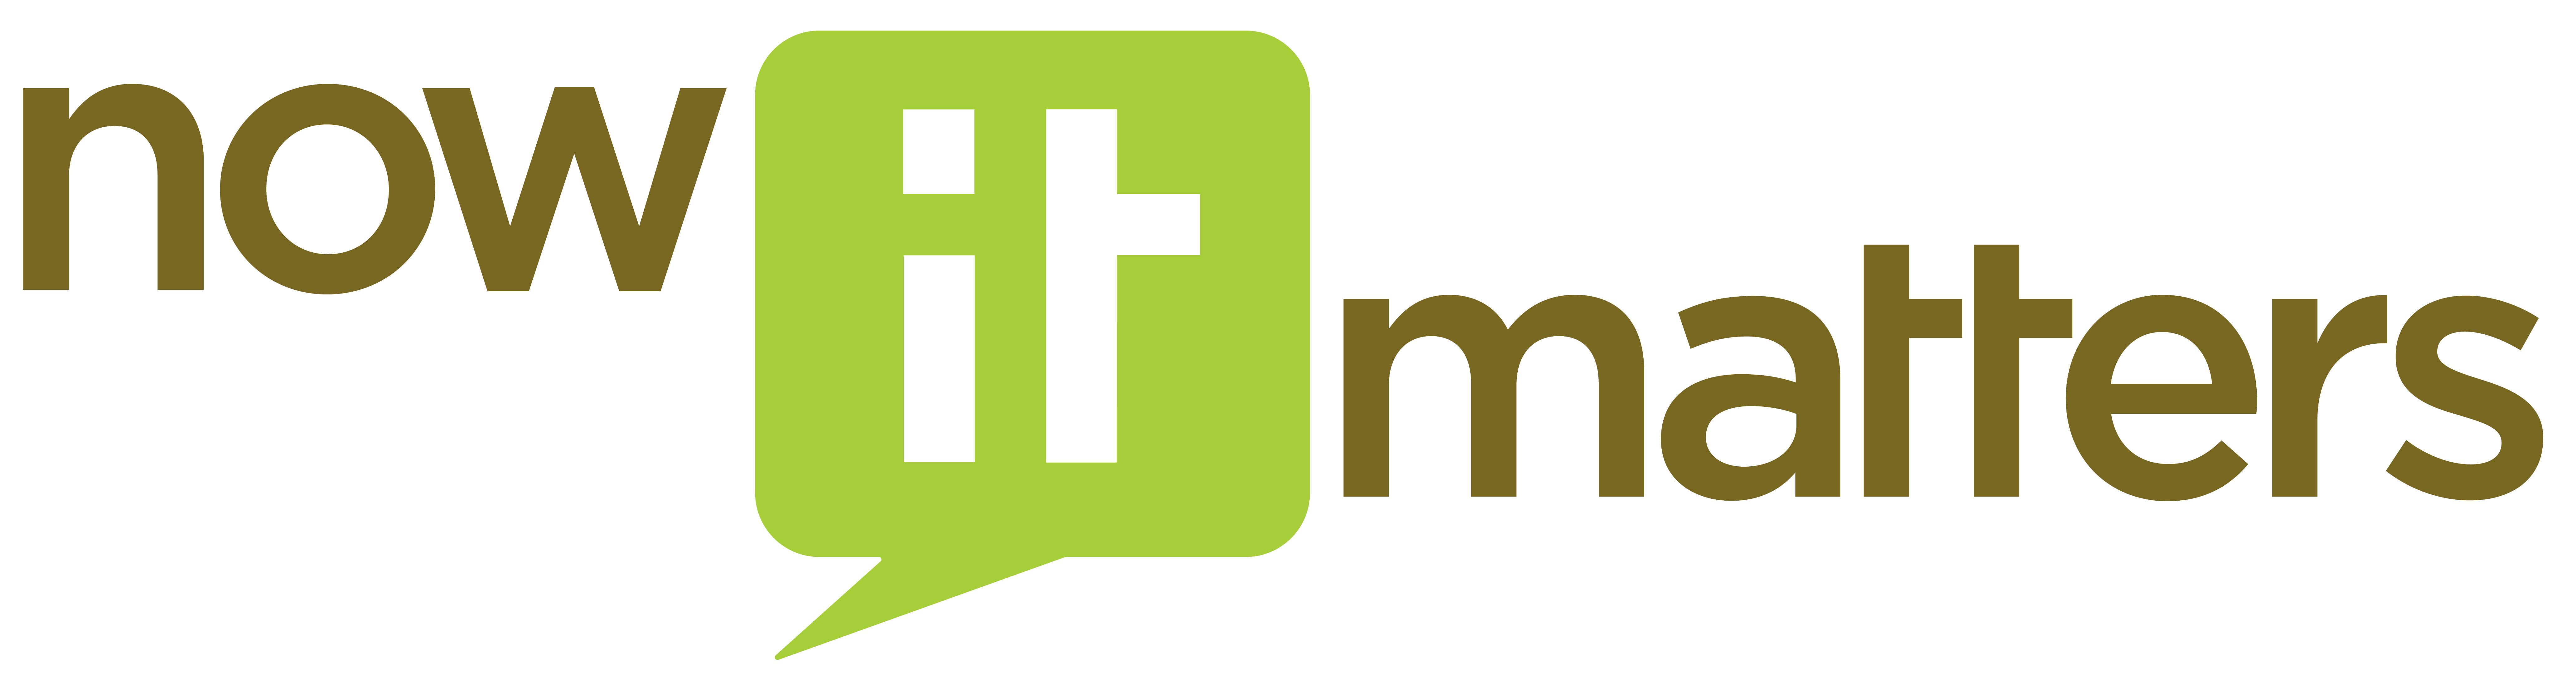 NowITMatters logo